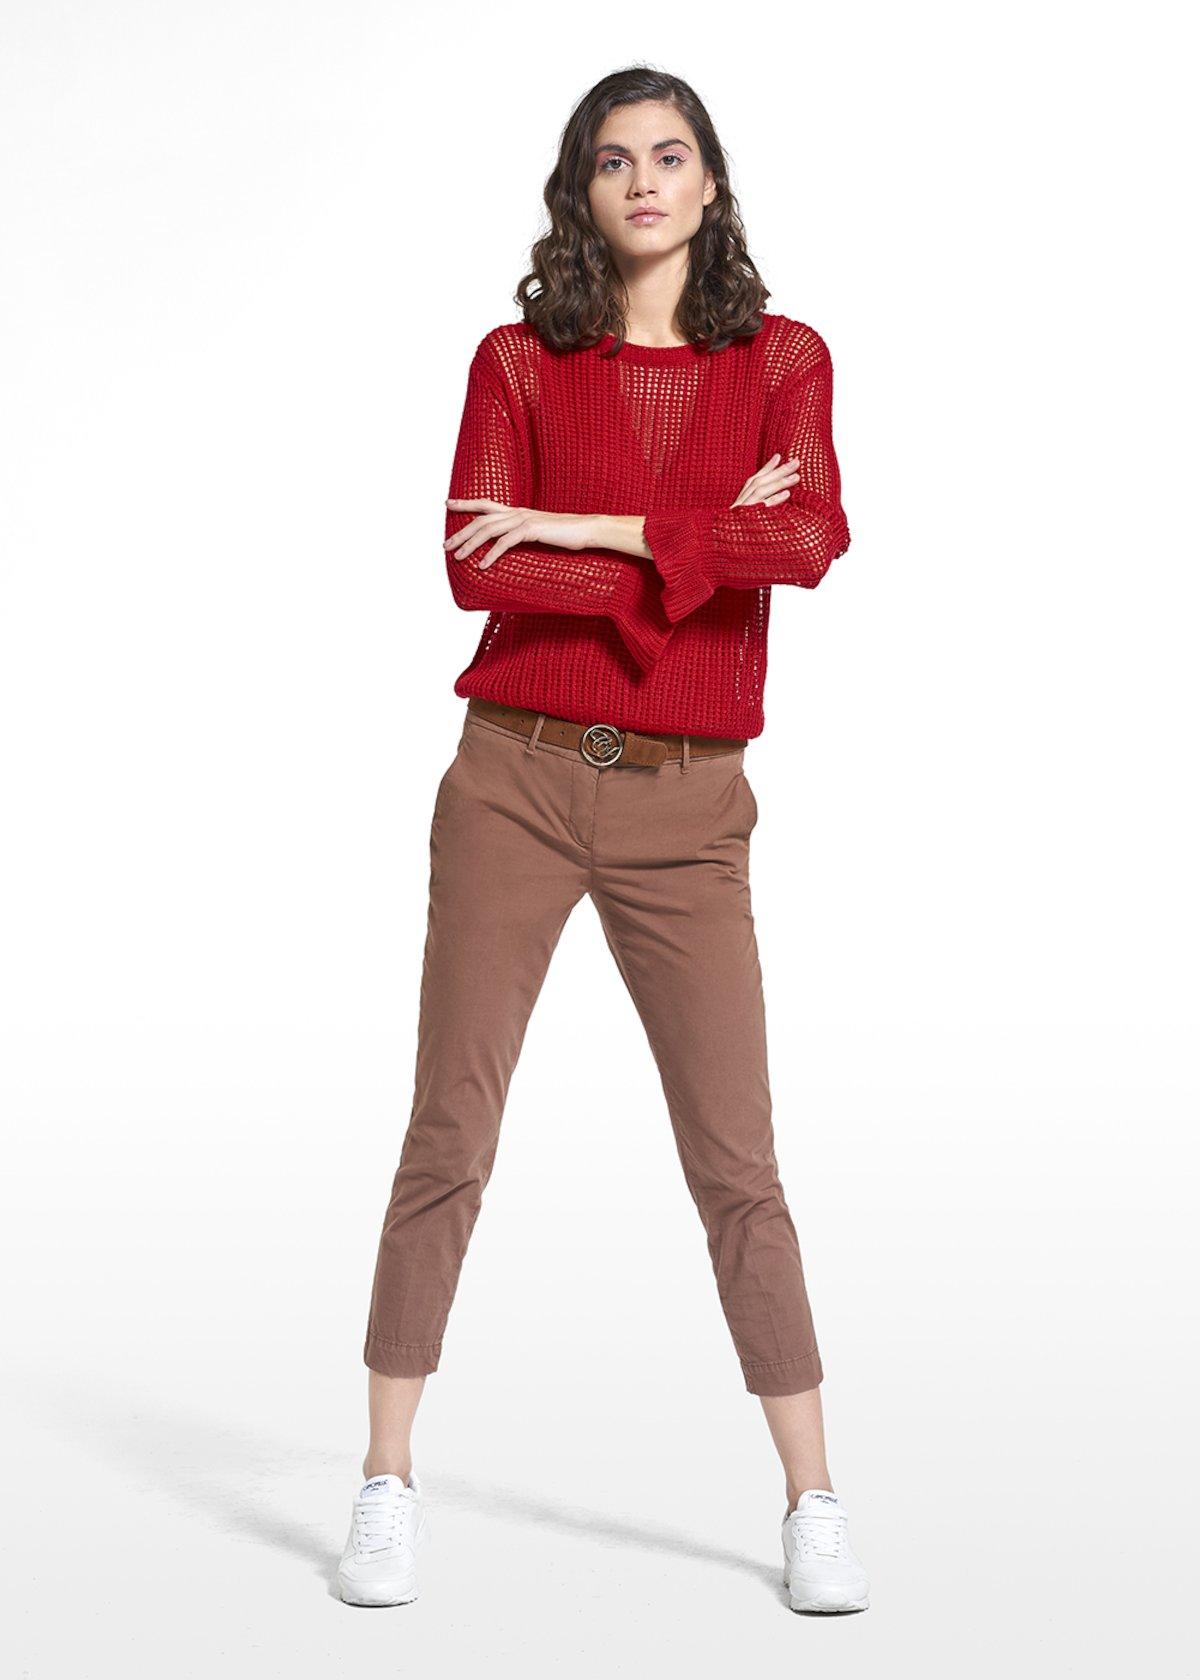 Pantalone Palmir con tasche uomo - Terra - Donna